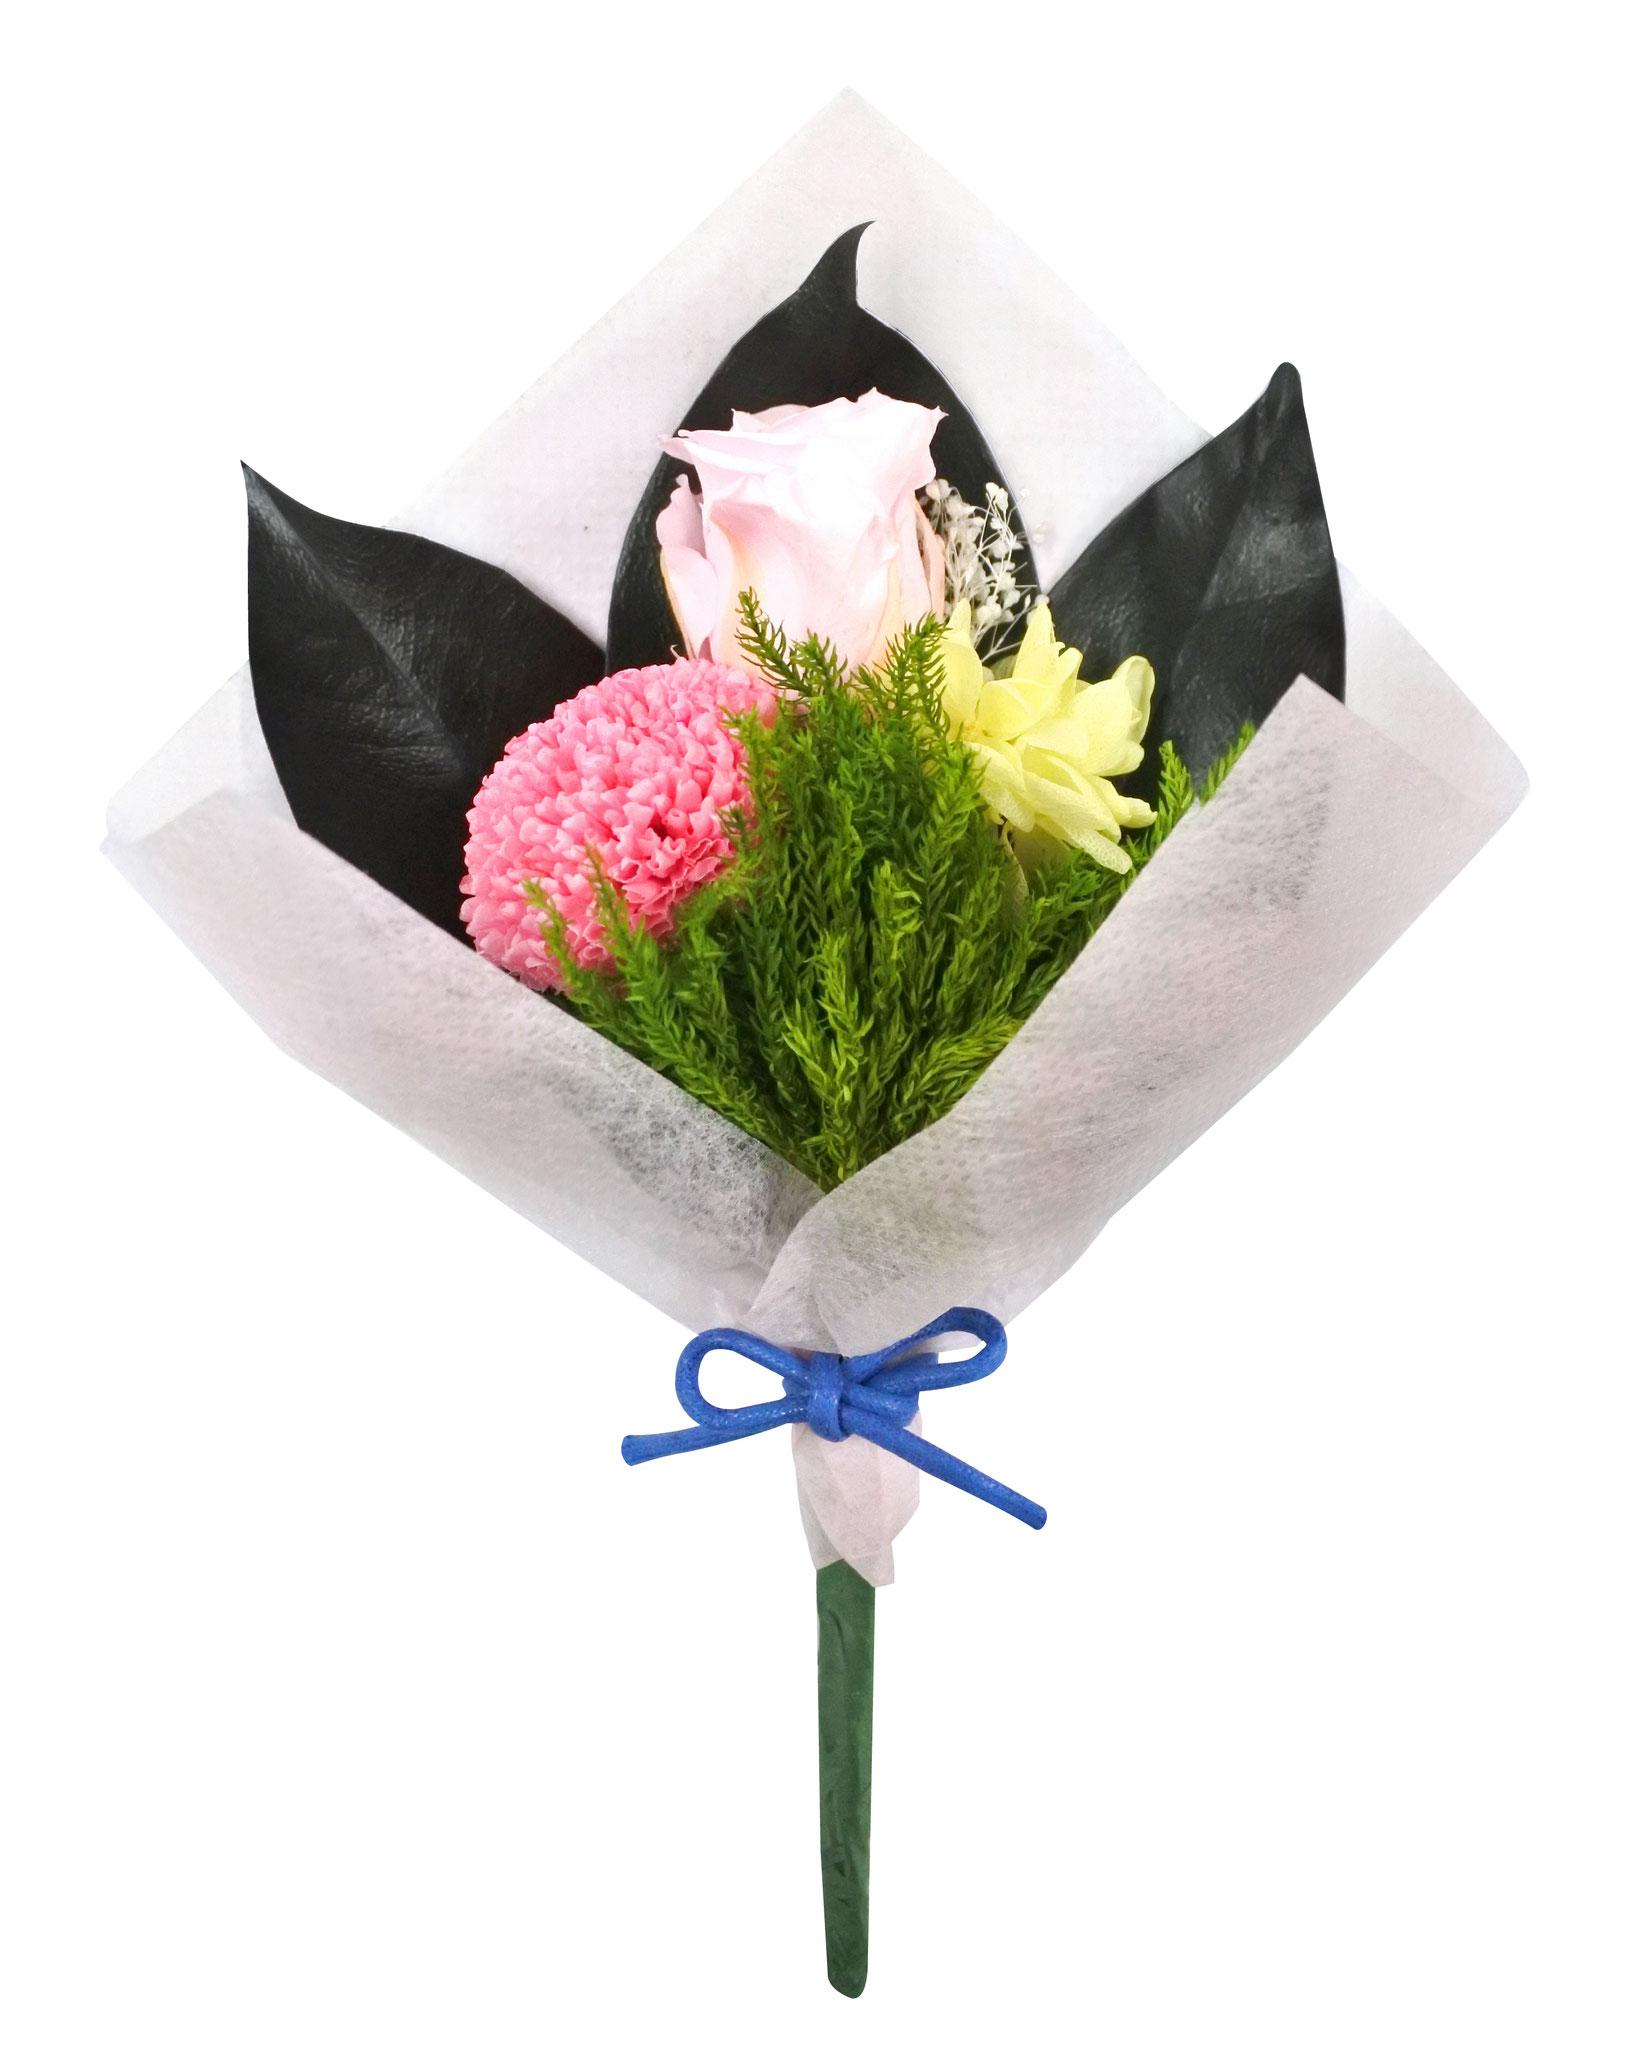 プリザーブド仏花「ほのか」